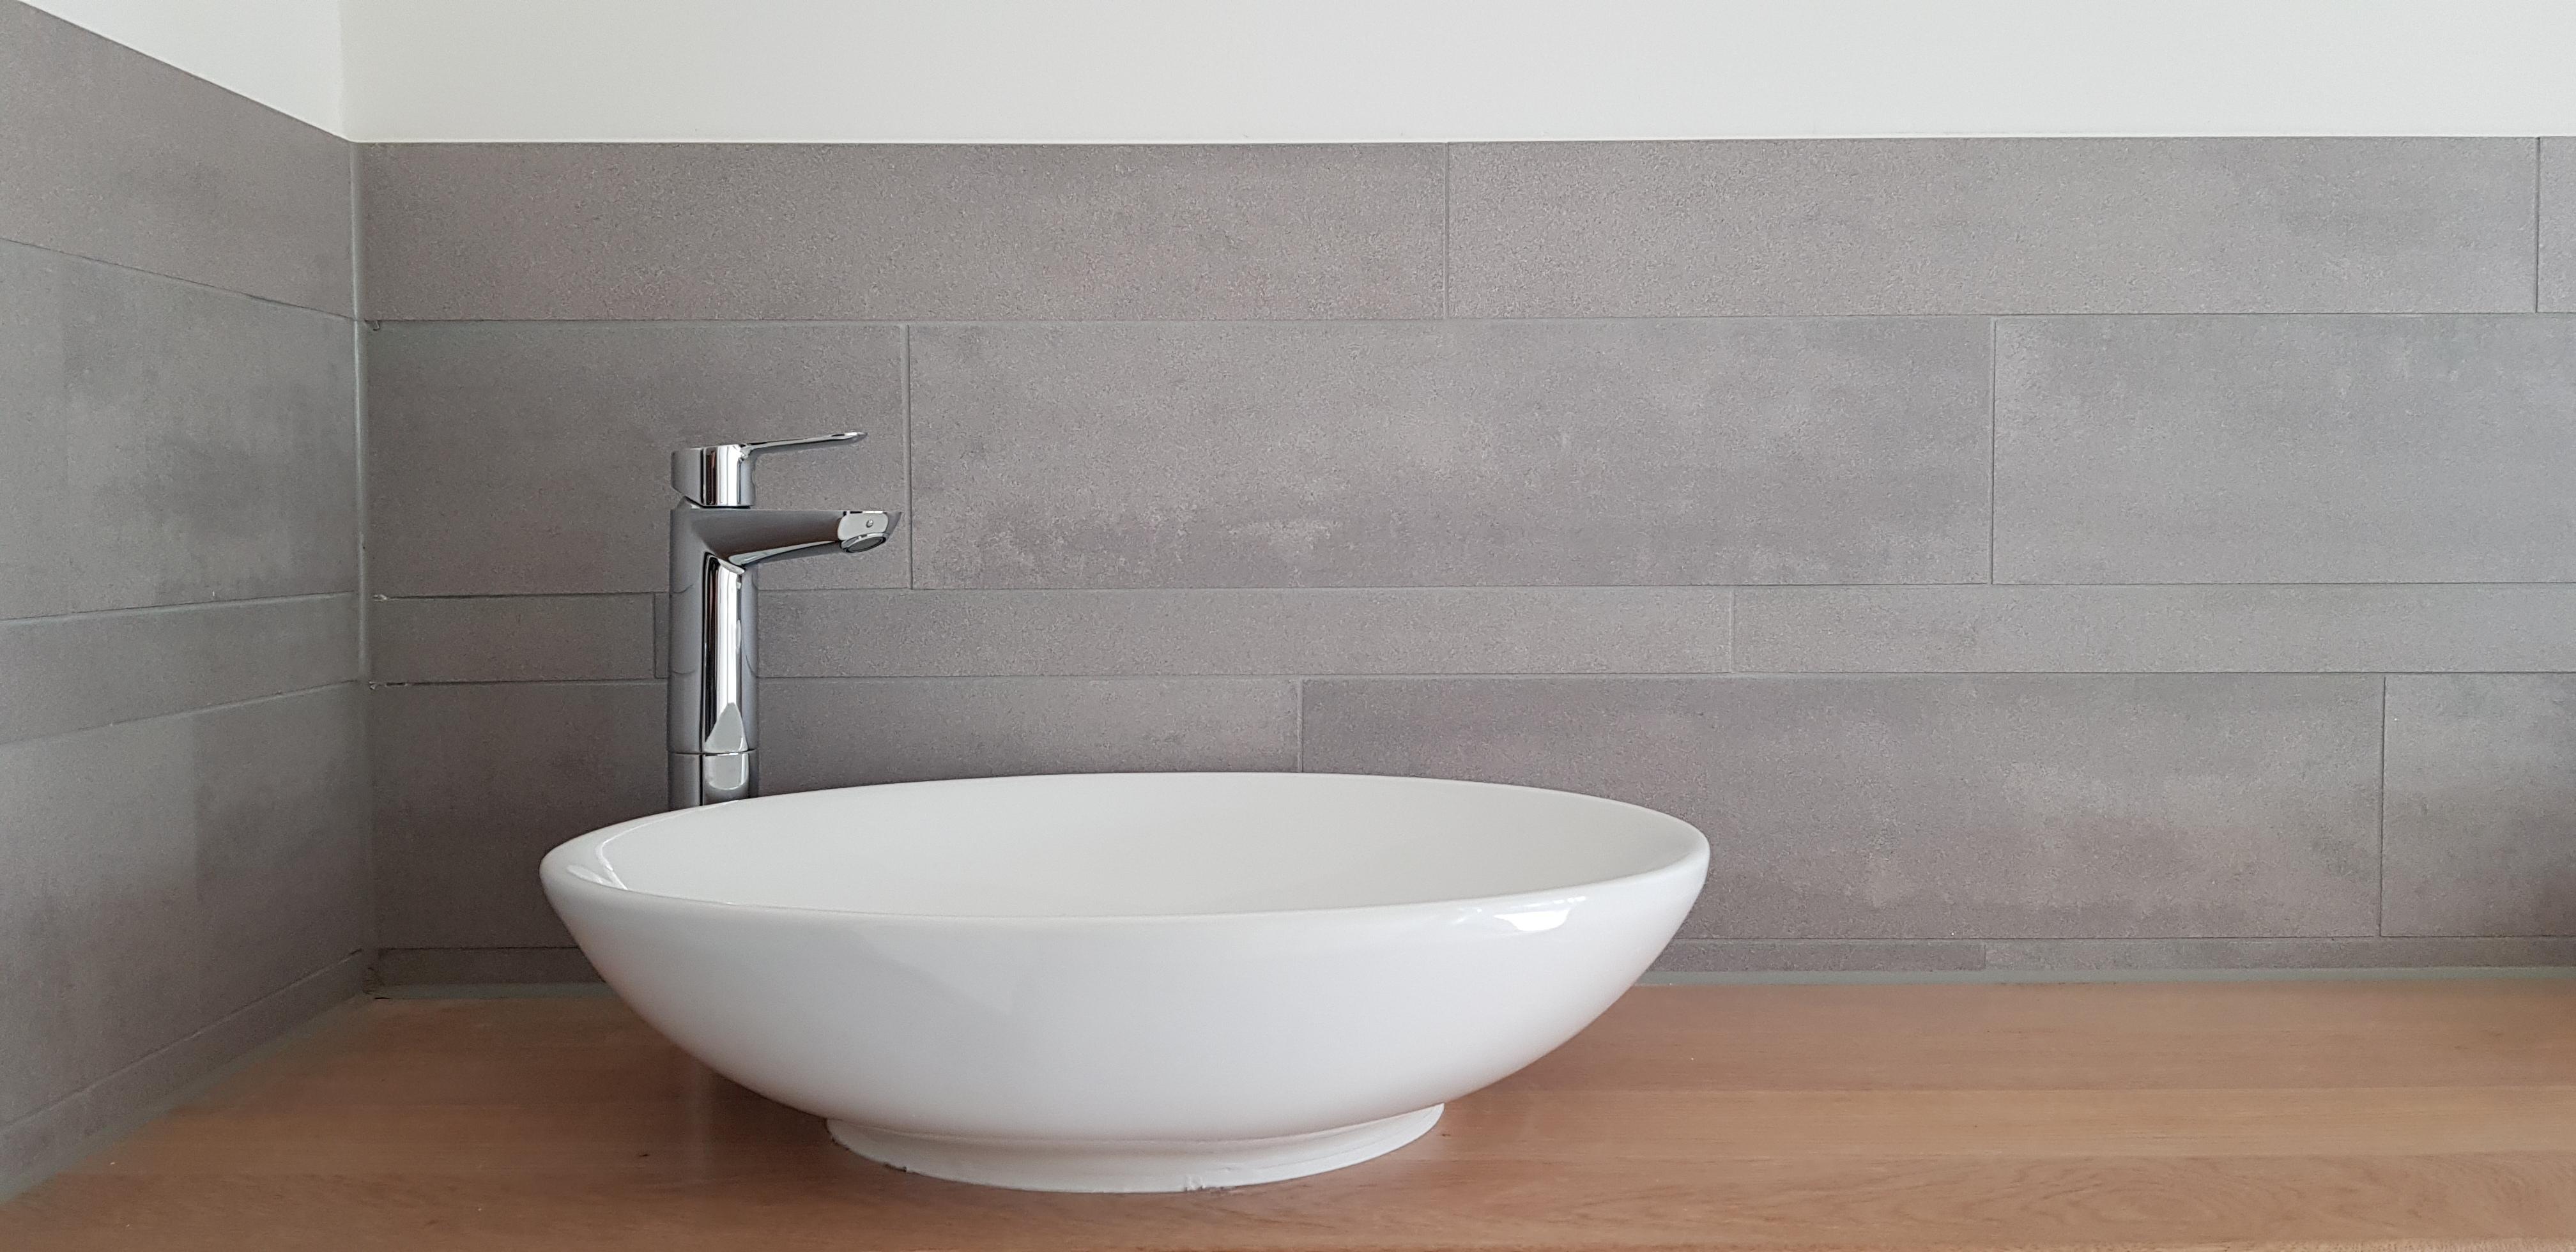 UFA Bouw_Renovatie_Generaal Vetterstraat_Bedrijfslofts_Afwerking toiletruimte wasbak